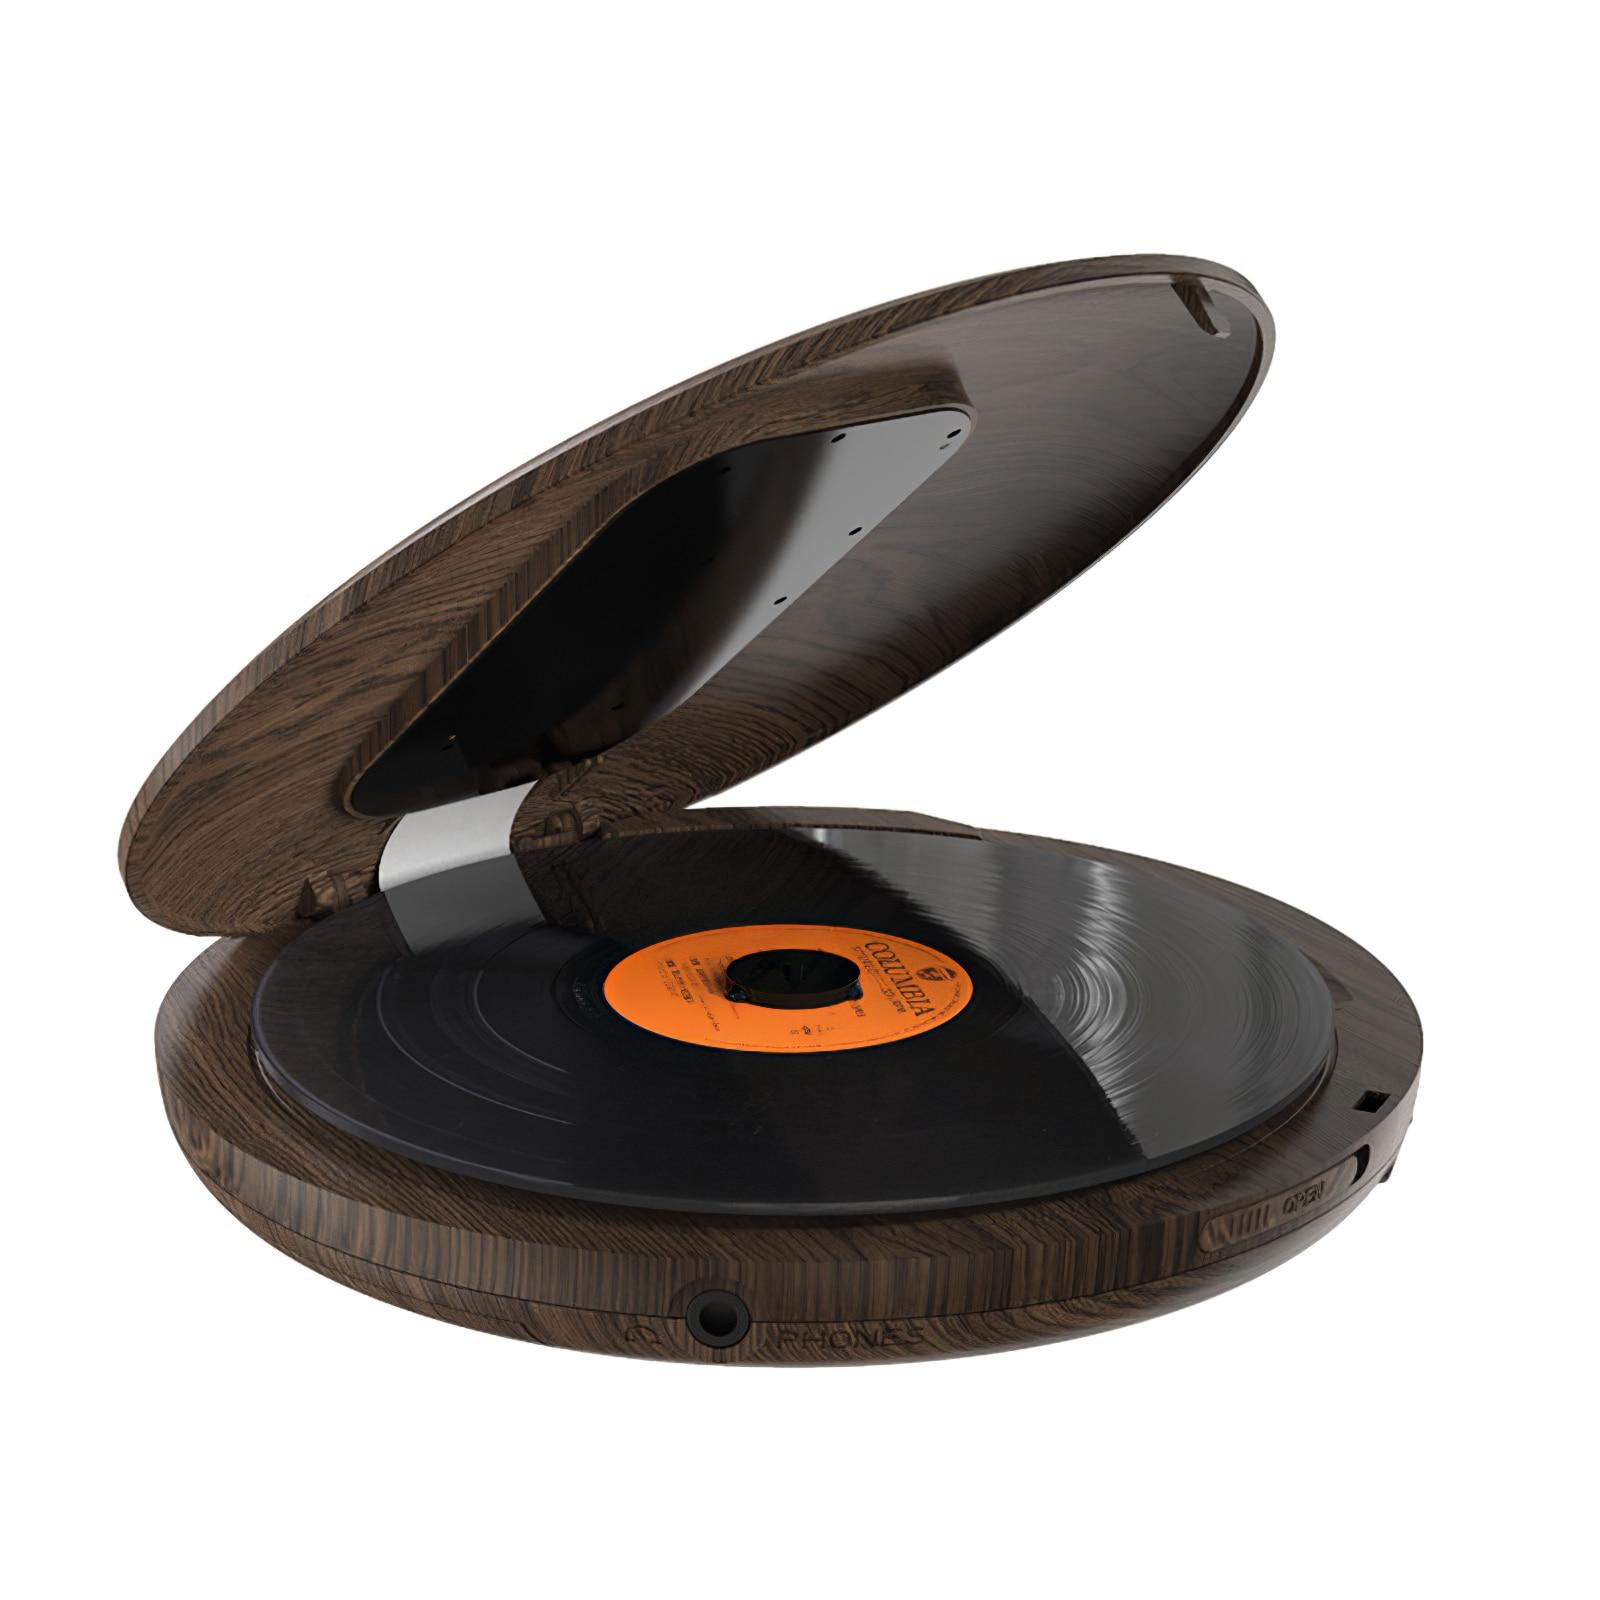 بلوتوث المحمولة مشغل أقراص مضغوطة التعلم وكمان للمنزل السفر سيارة مع سماعة رأس ستيريو مشغل أقراص مضغوطة 3.5 مللي متر الصوت جاك ألبوم لاعب